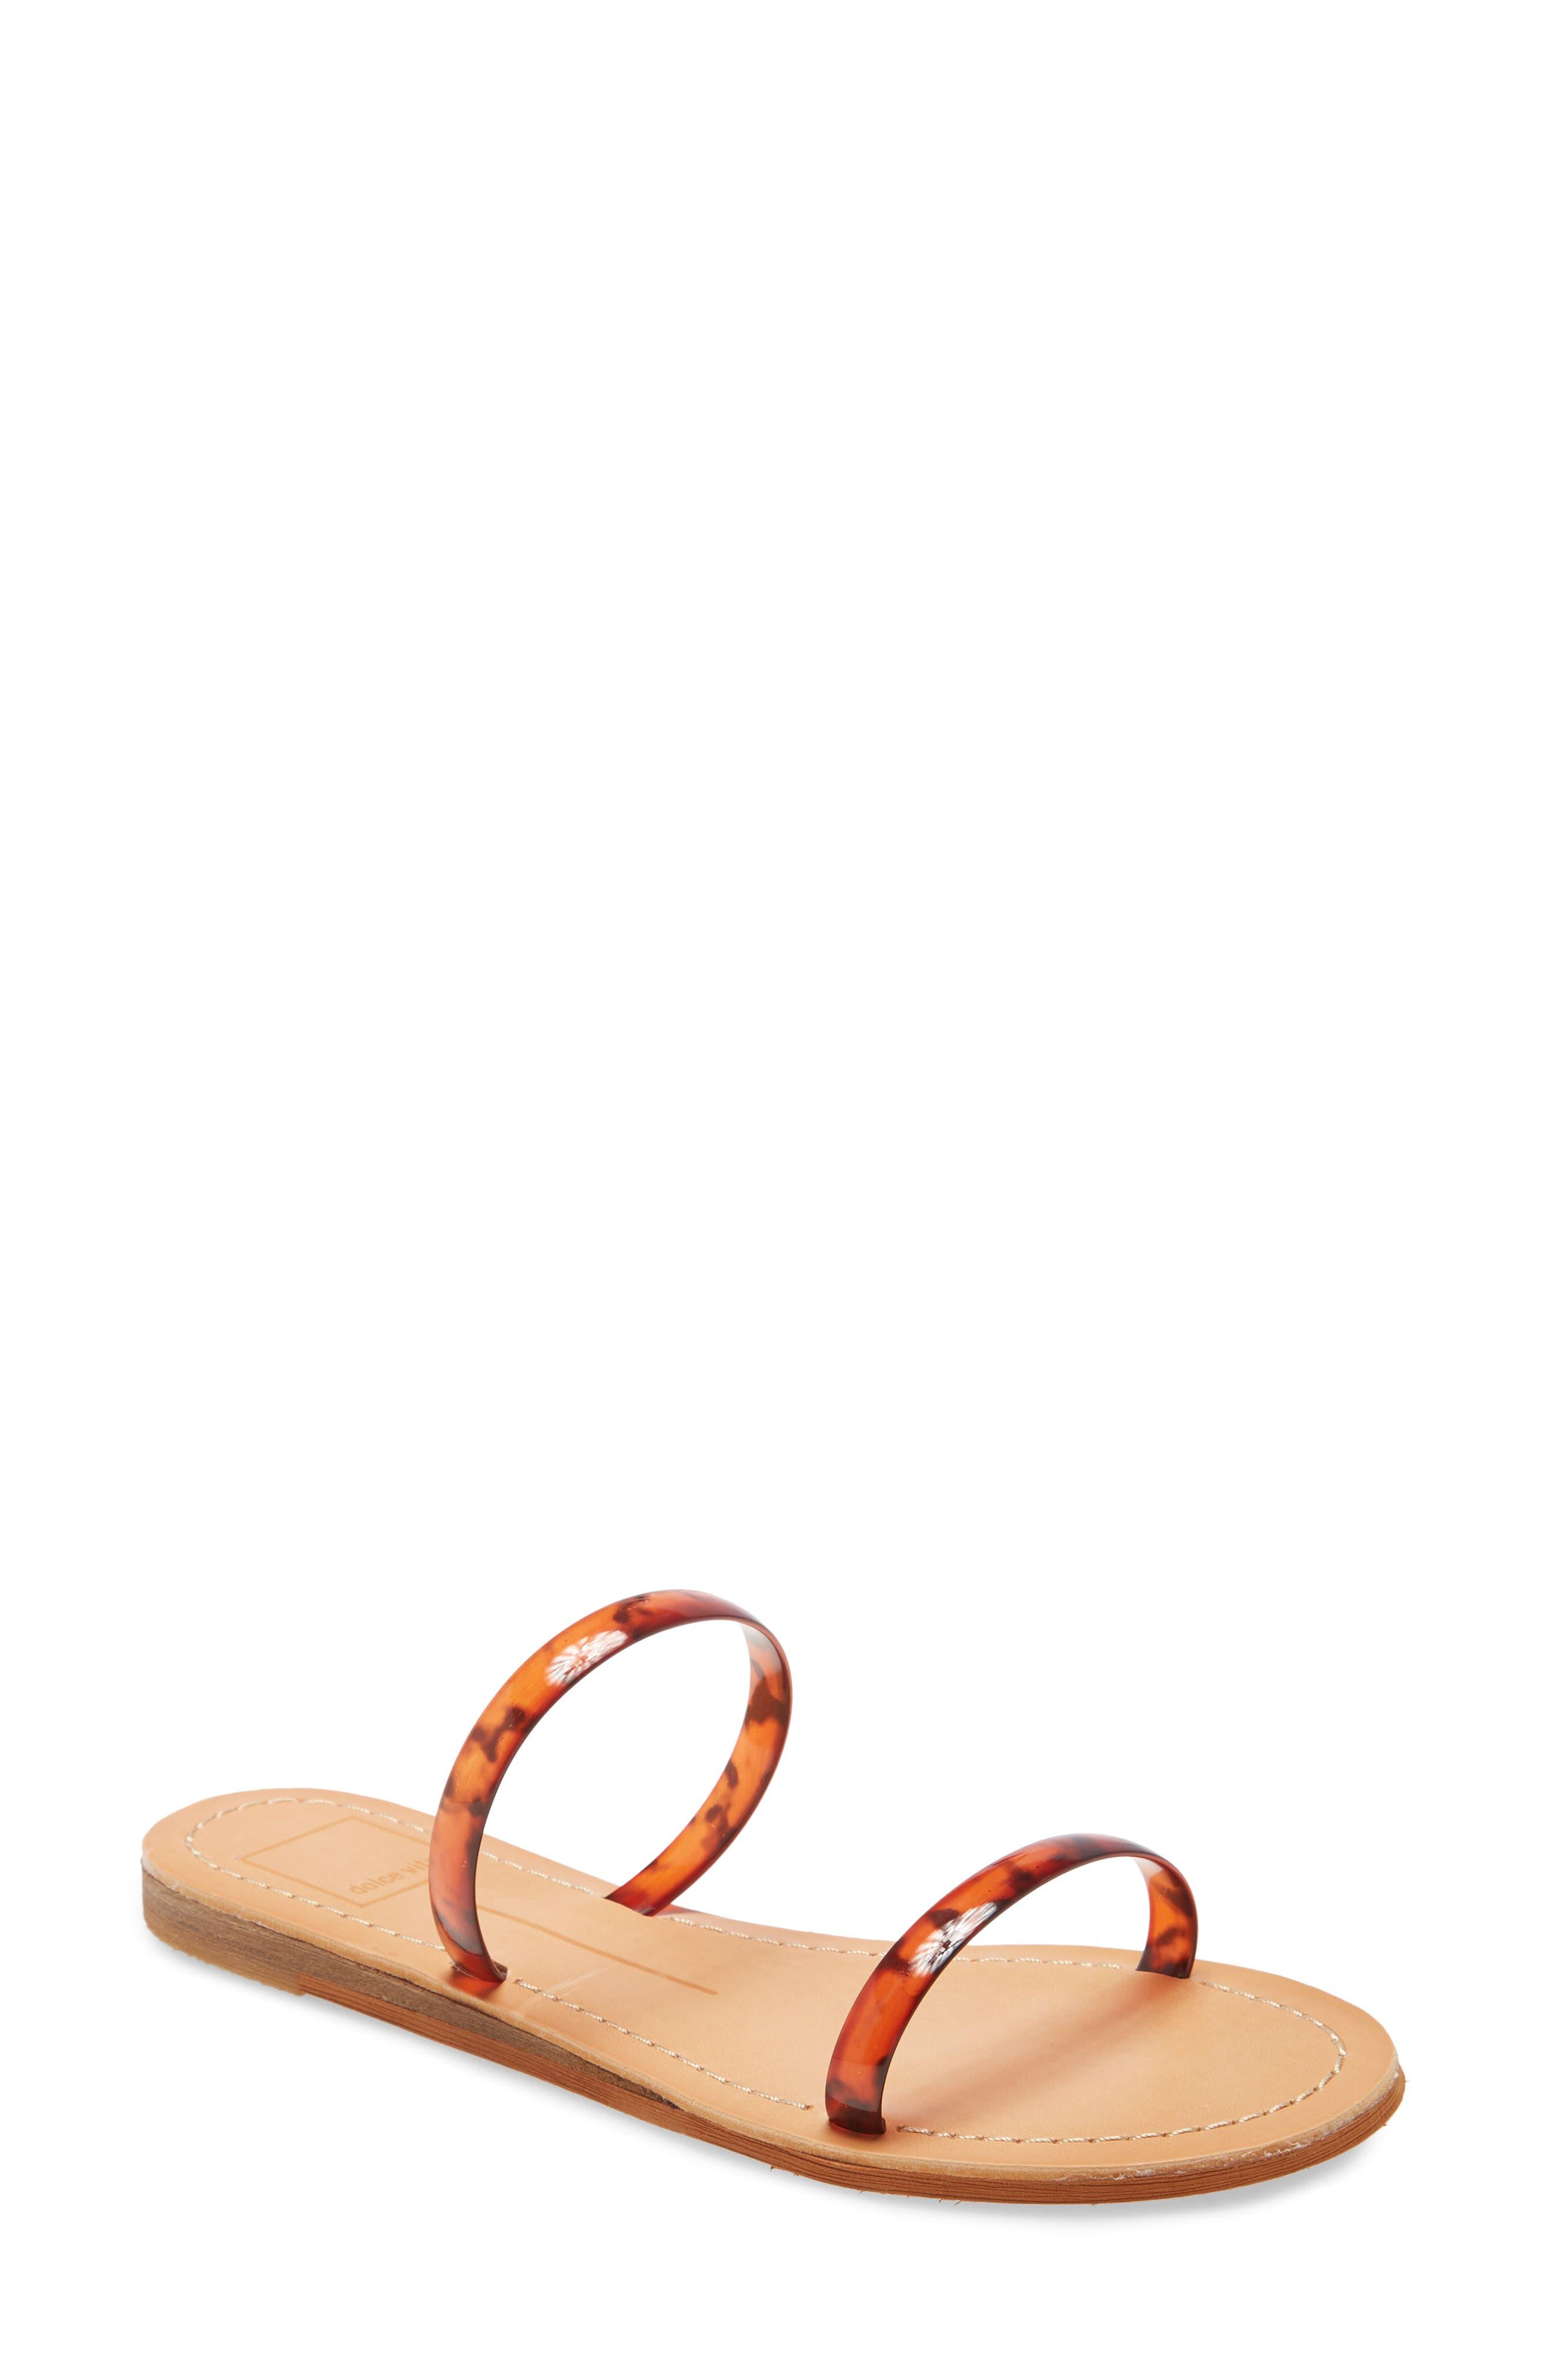 Darla Slide Sandal